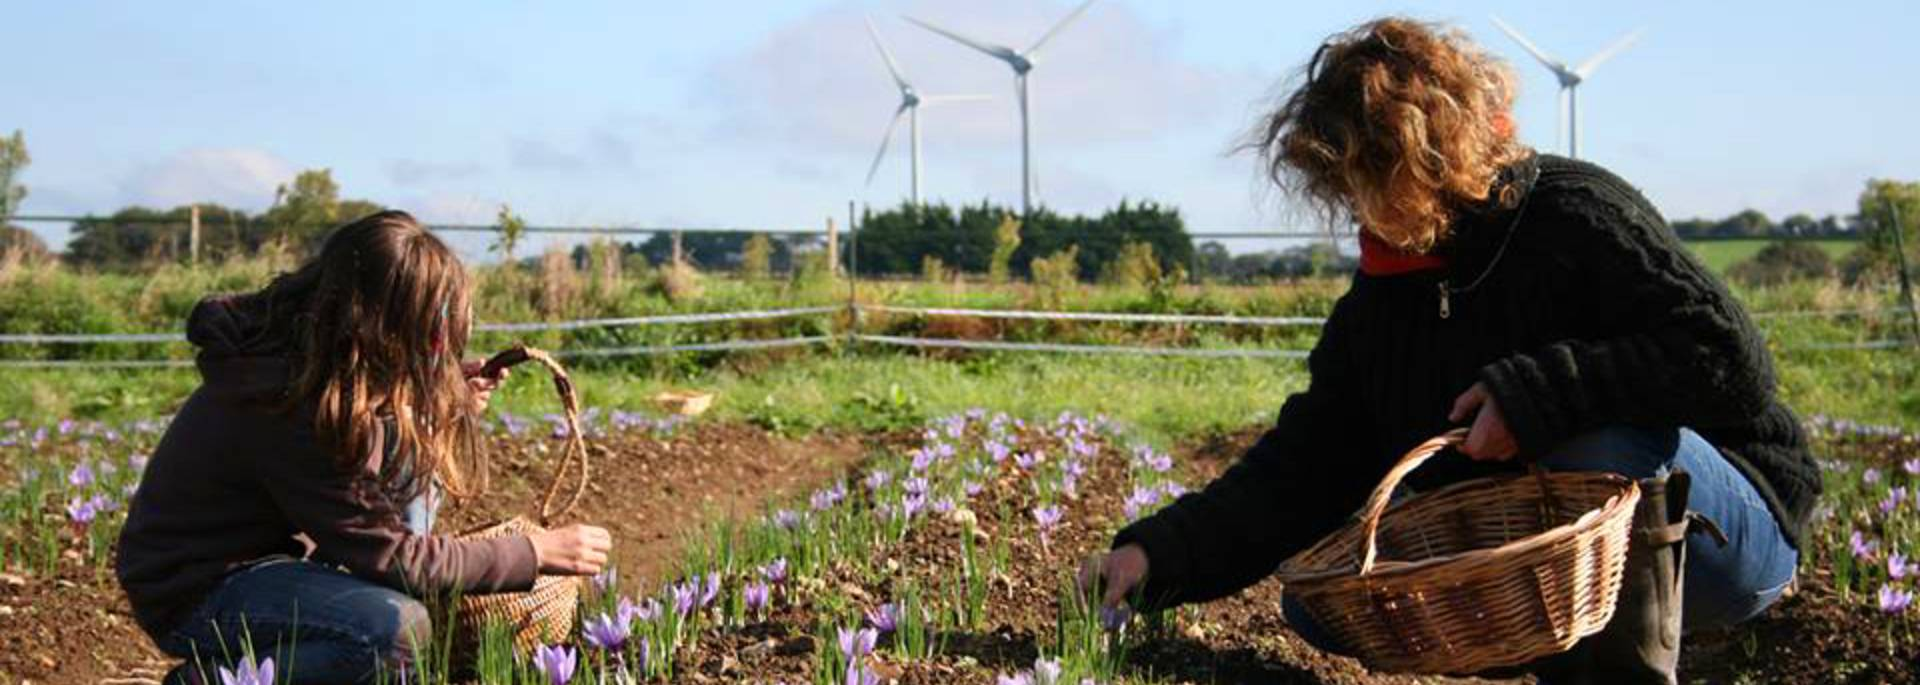 Anne Roche et sa fille en pleine récolte - Pays Bigouden © A Roche